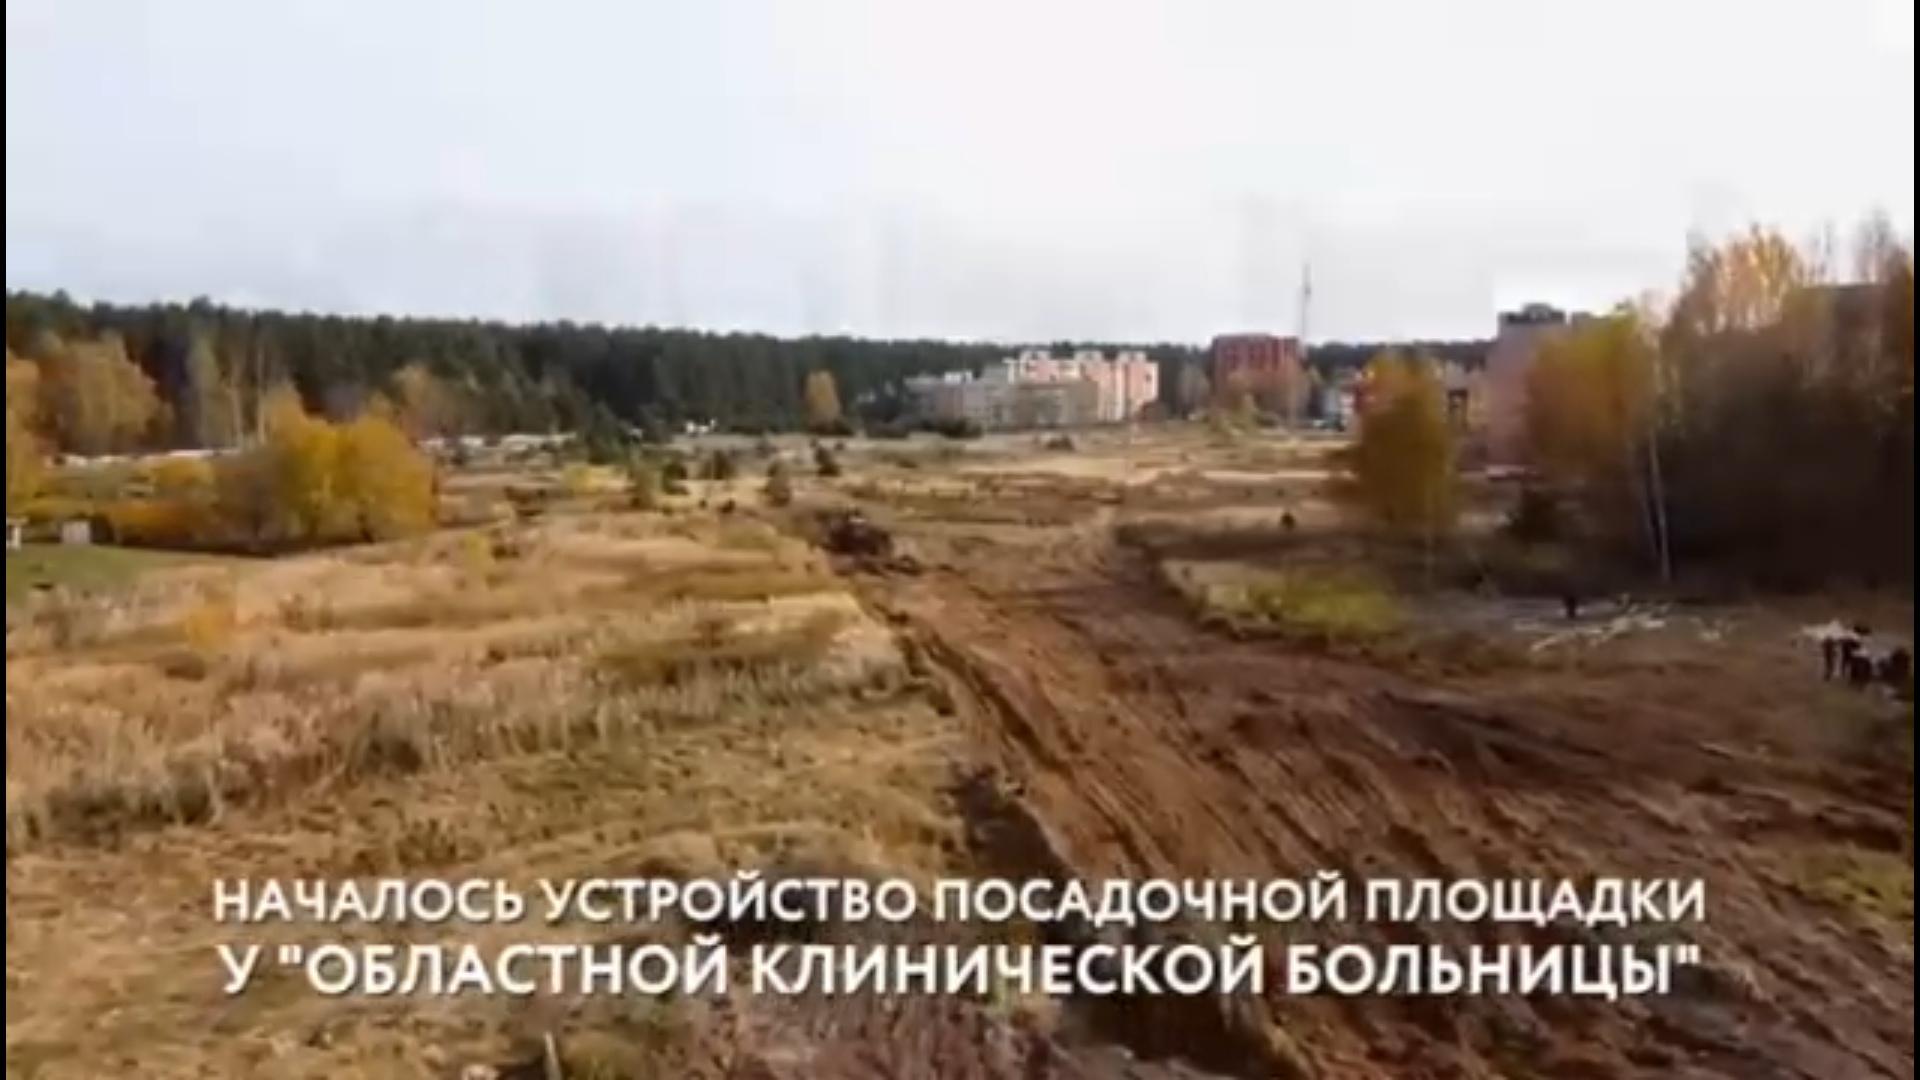 Дмитрий Миронов: в Ярославской области рядом с больницами начали строить вертолетные площадки